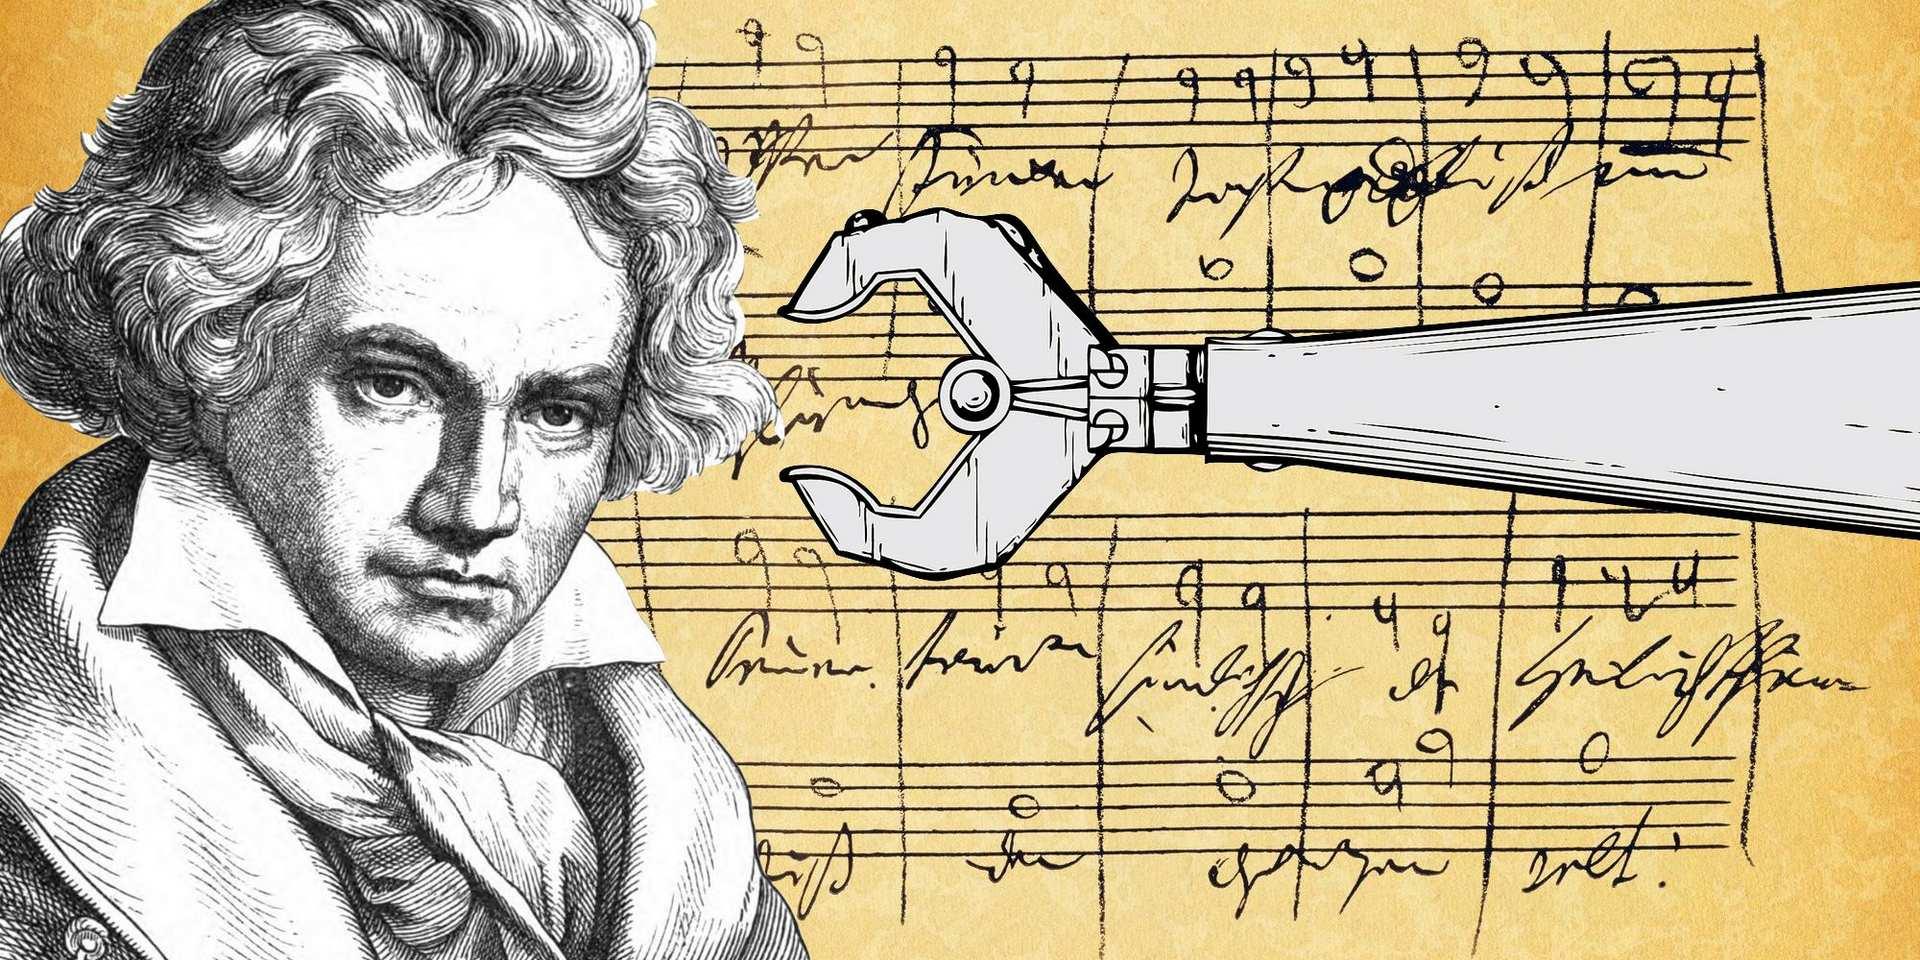 Искусственный интеллект дописал Десятую симфонию Бетховена